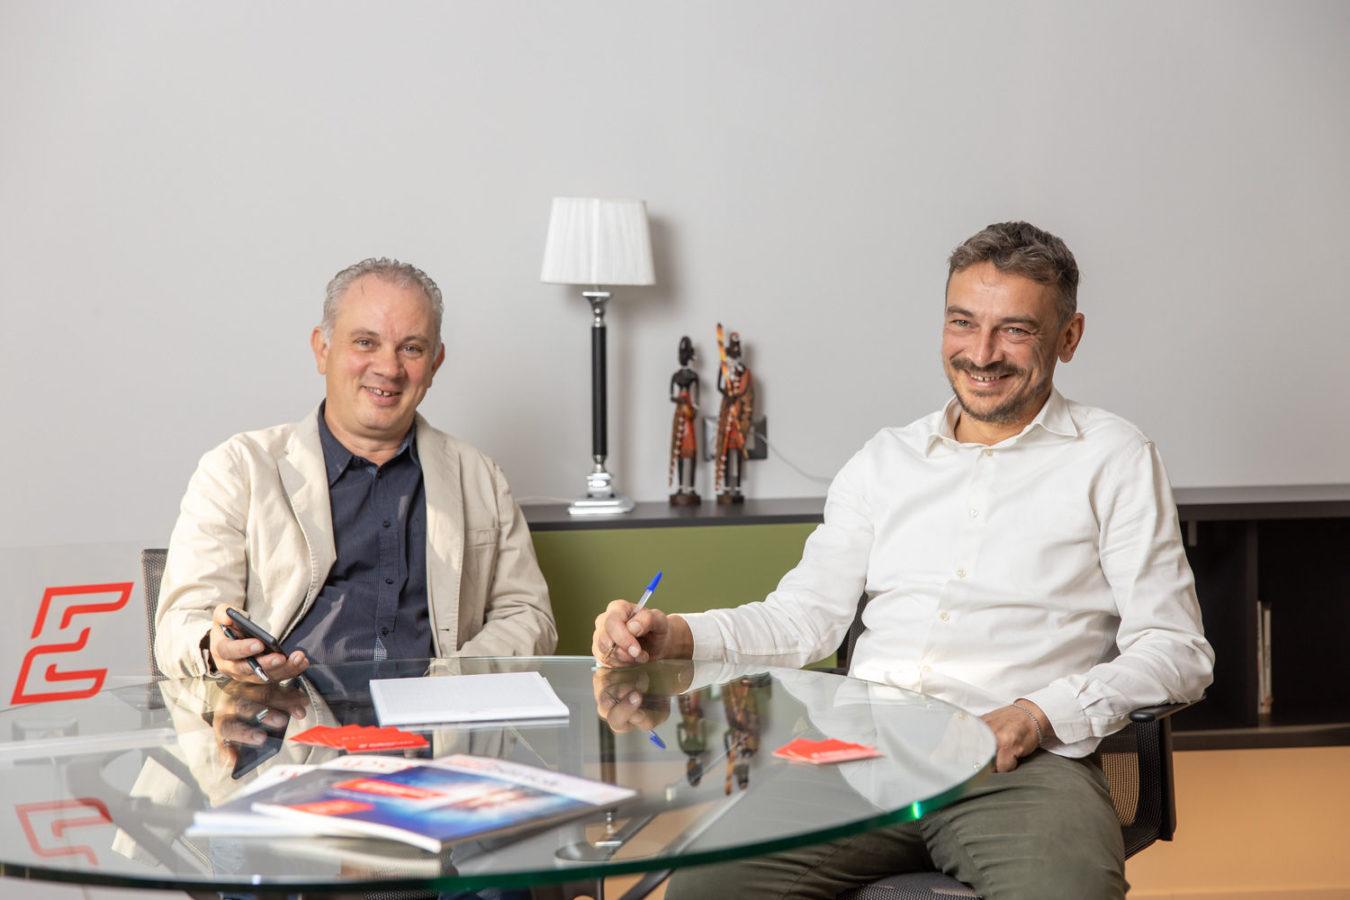 foto ritratti imprenditori Euroimpianti verona